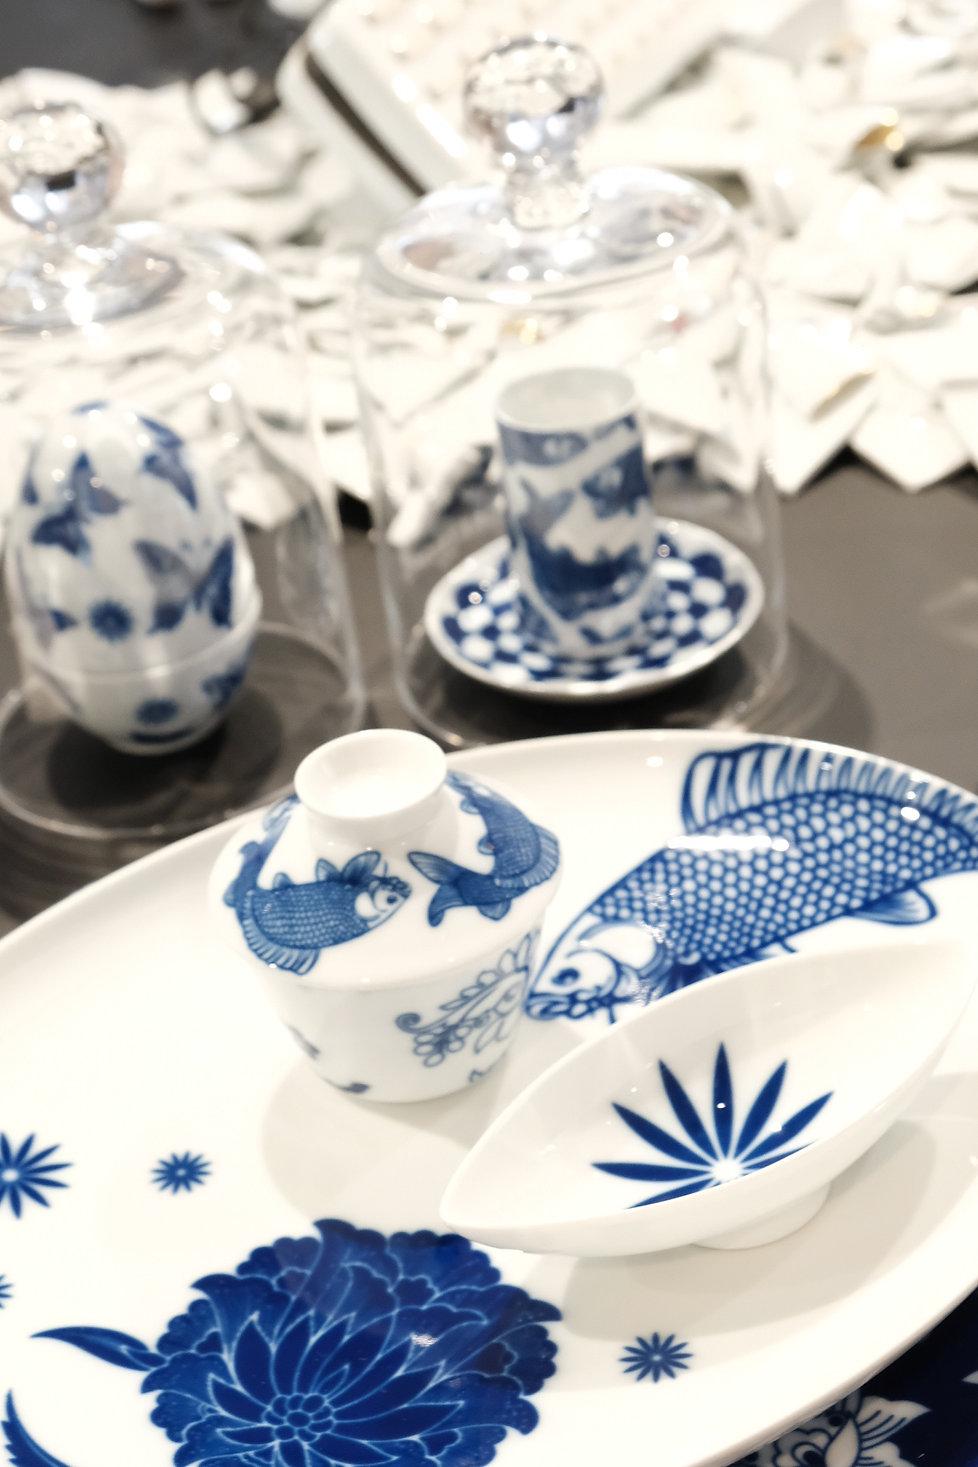 Fürstenberg Porzellan - Ausstelung Porcelain Couture